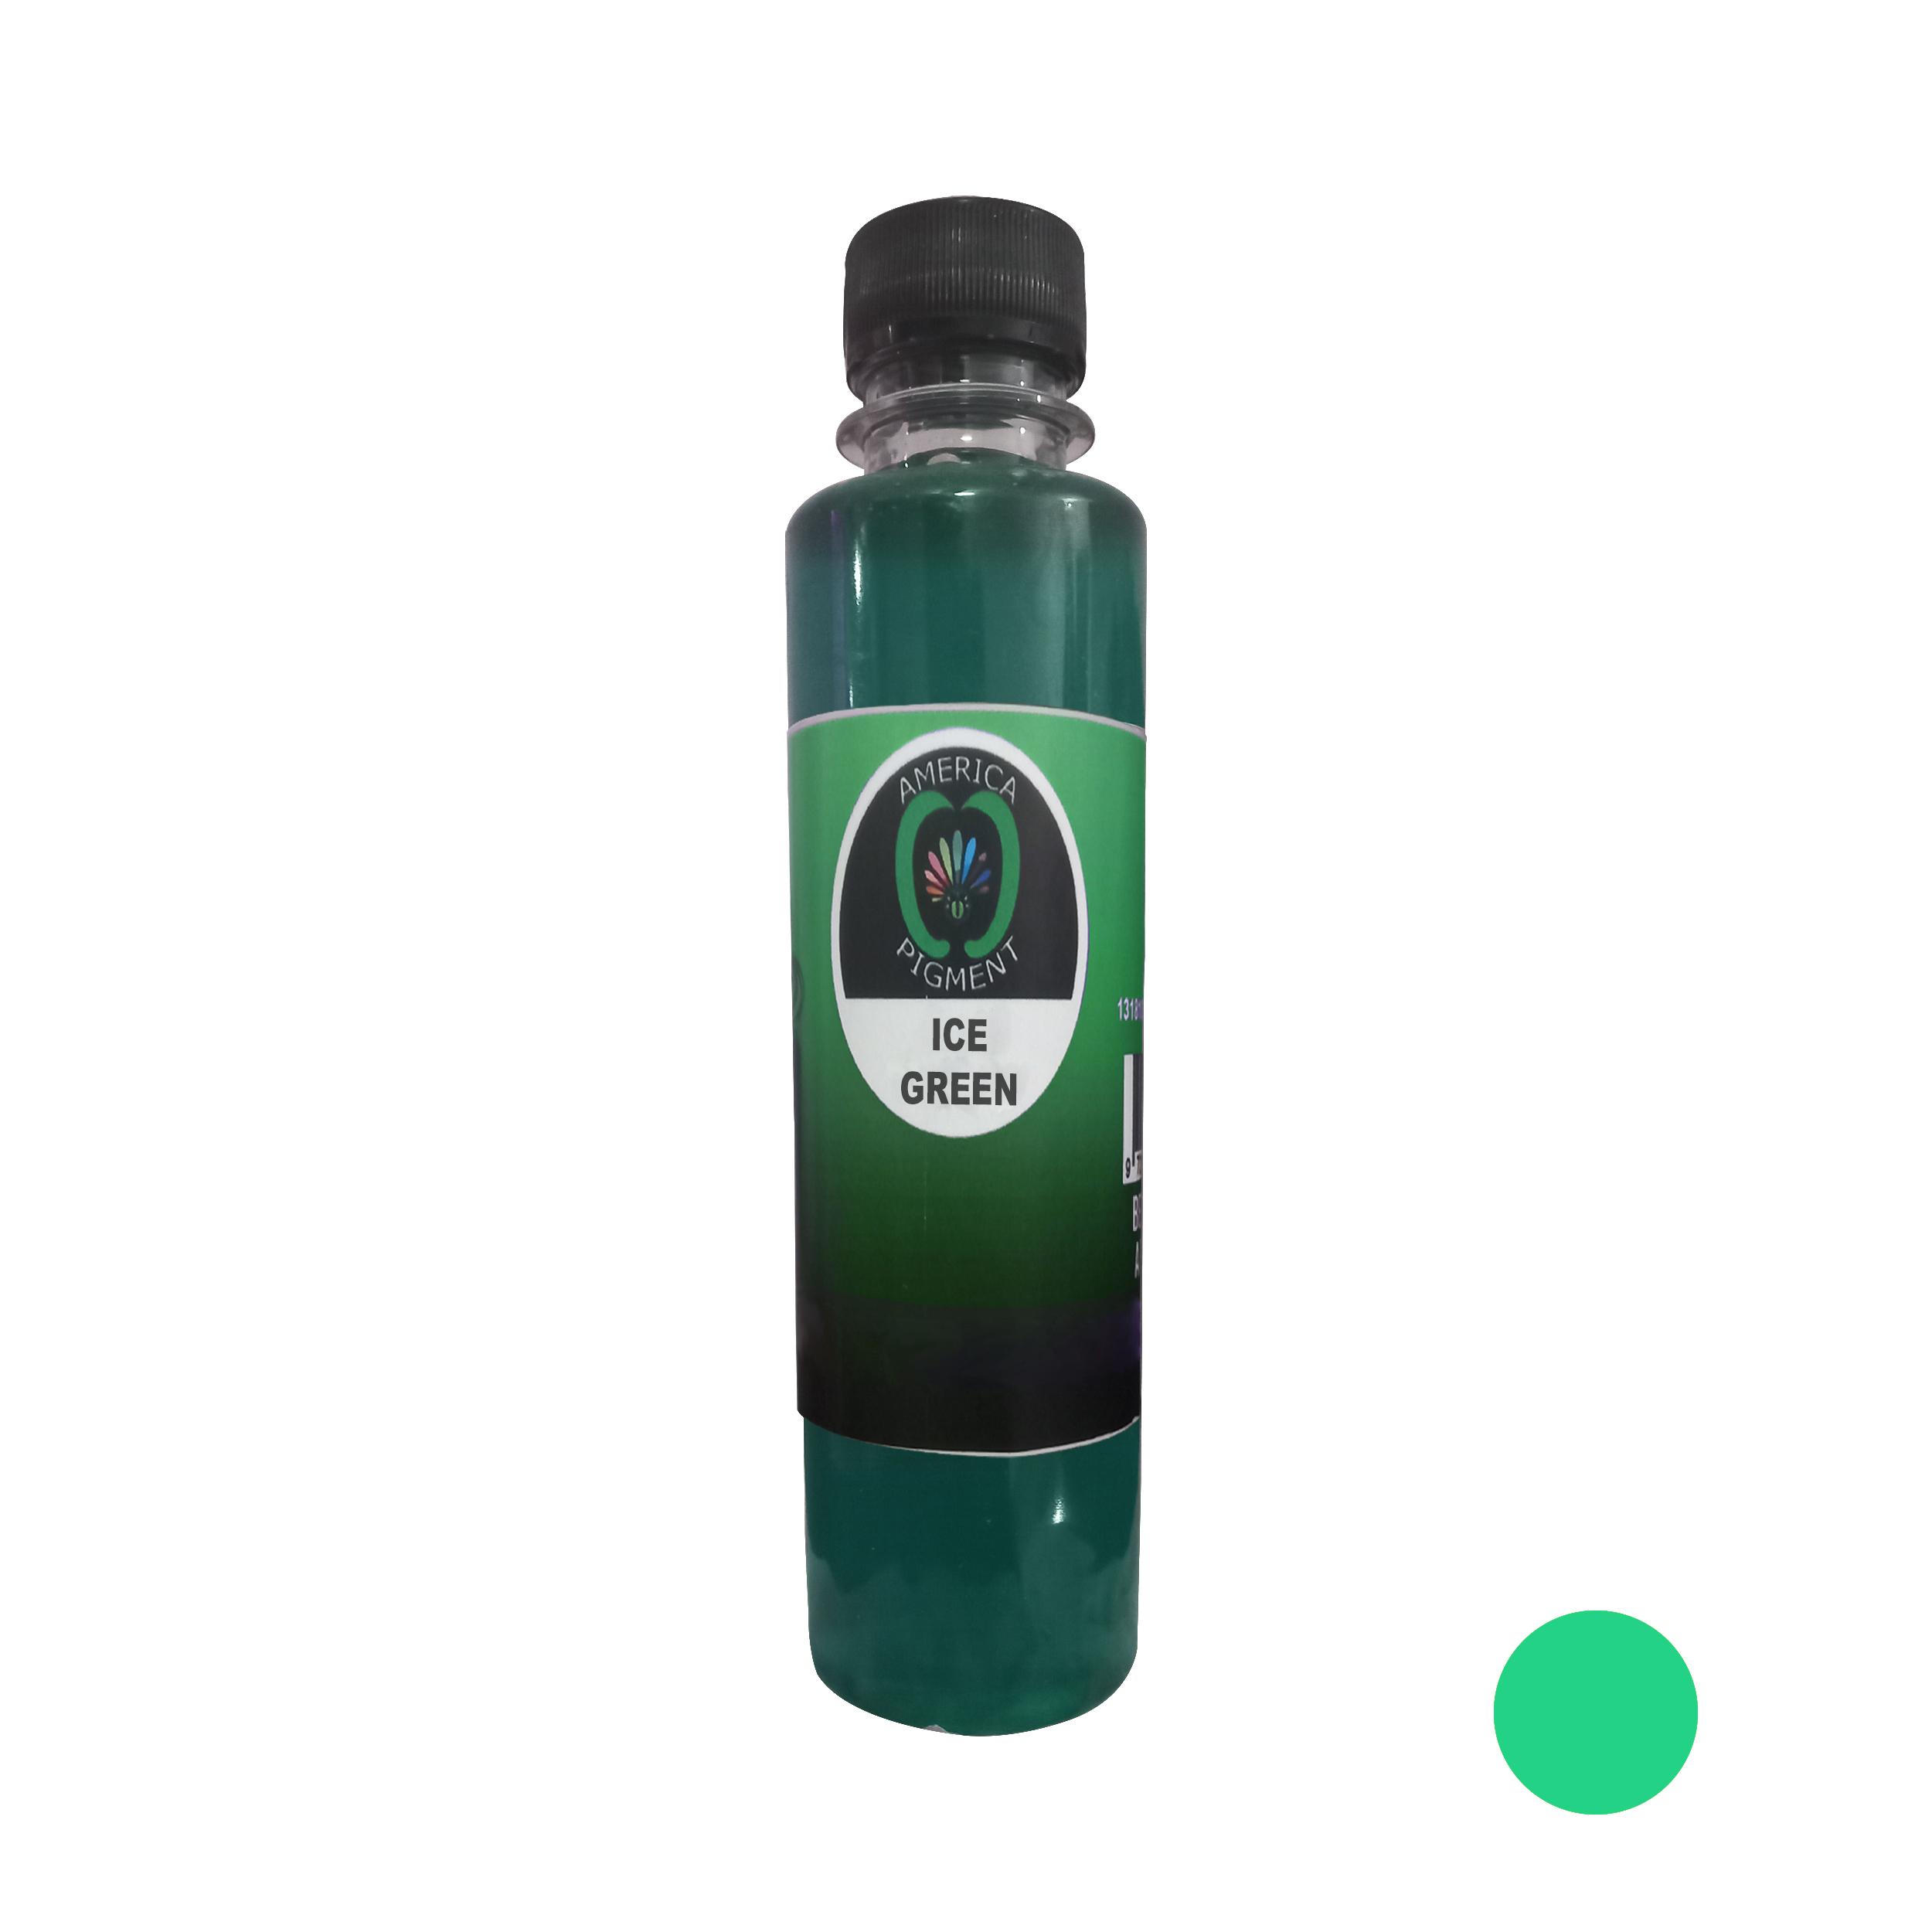 لیکویید رنگ مو آمریکاپیگمنت شماره 007 حجم 250 میلی لیتر رنگ سبزیخی